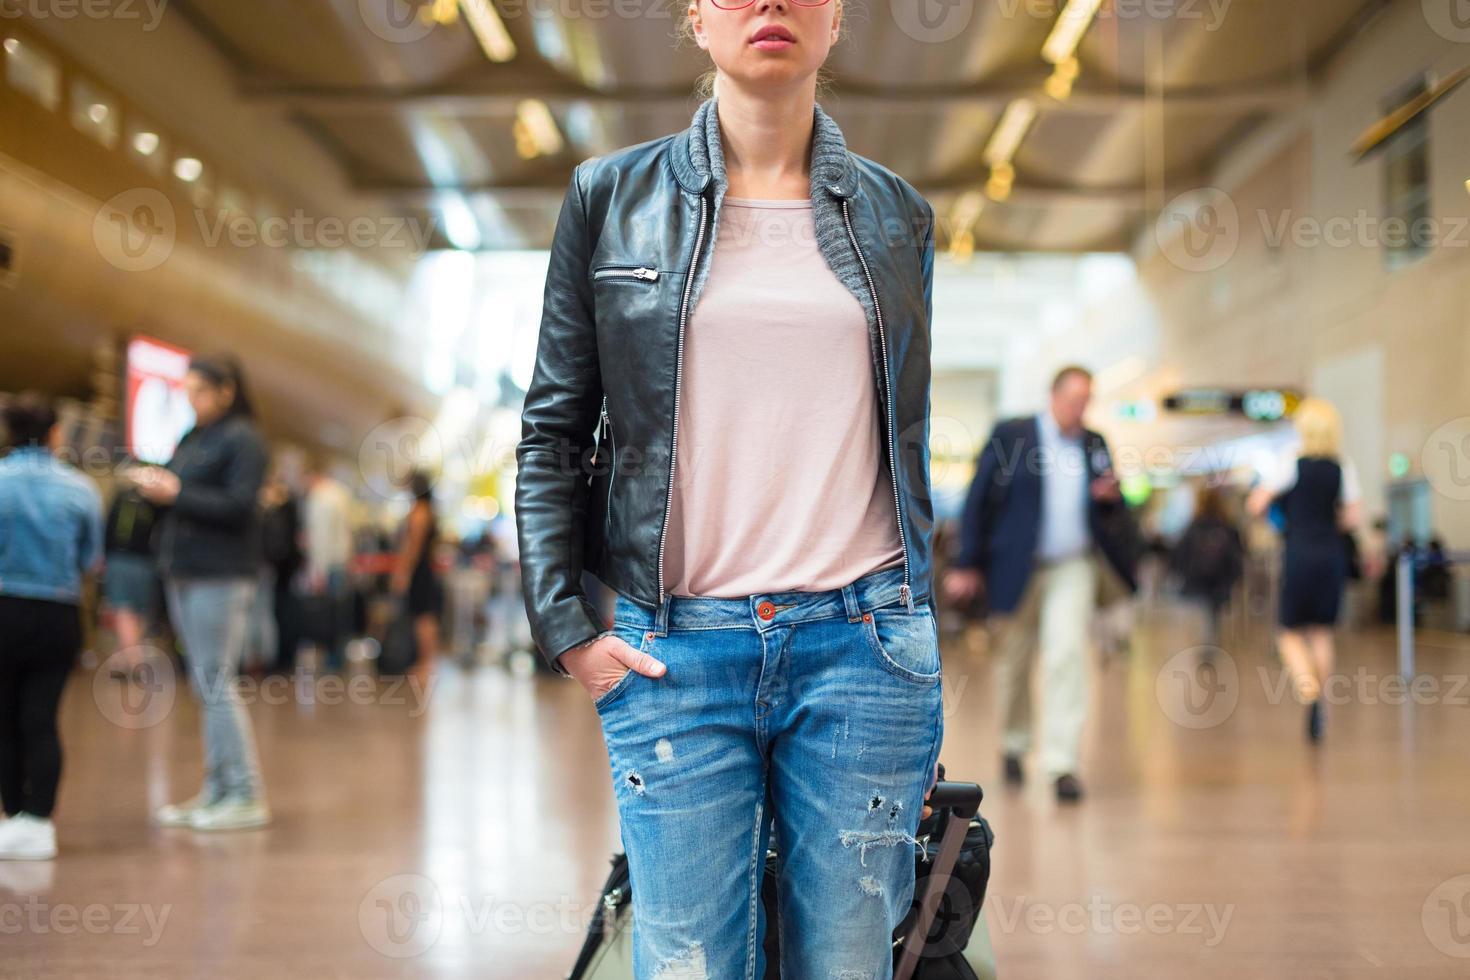 kvinnlig resenär promenader flygplats terminal. foto